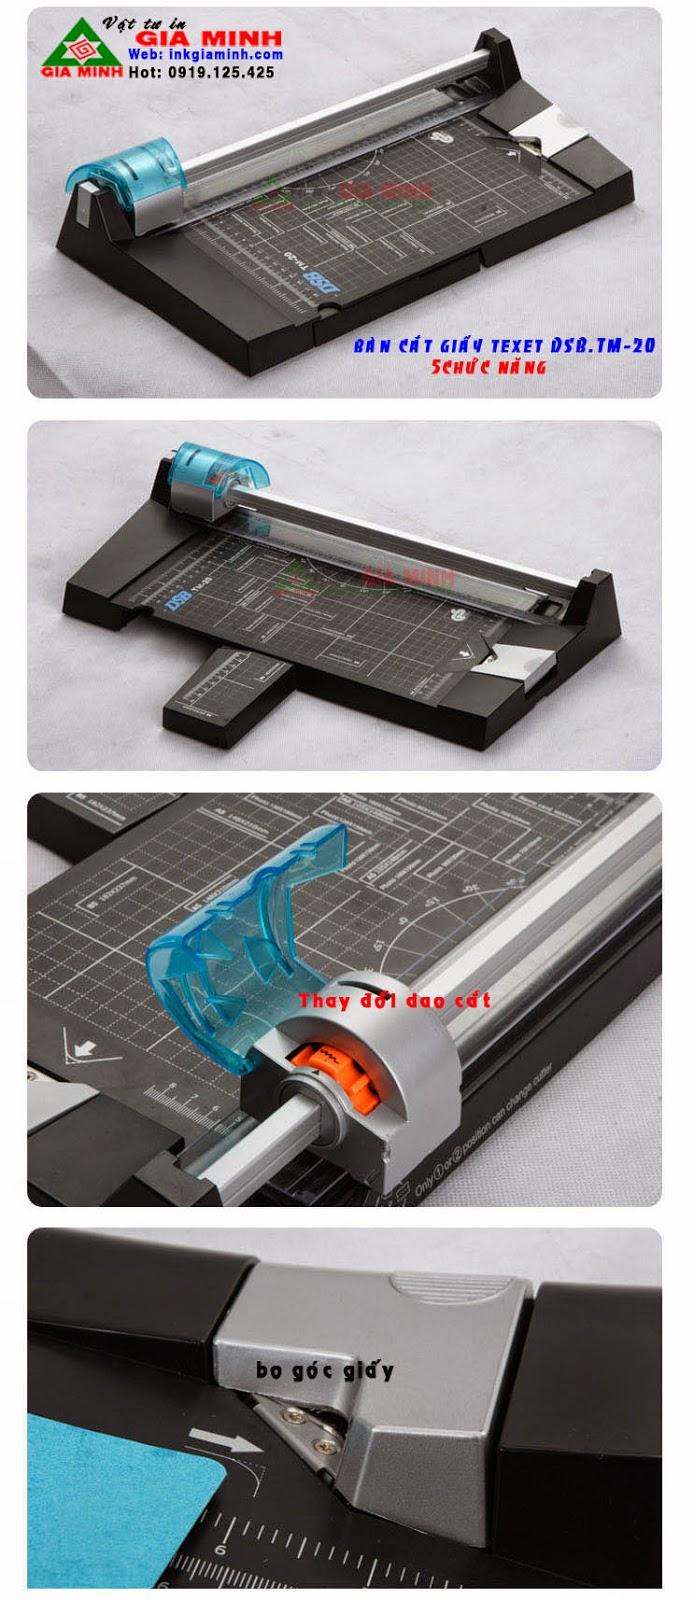 Bàn cắt giấy đa năng